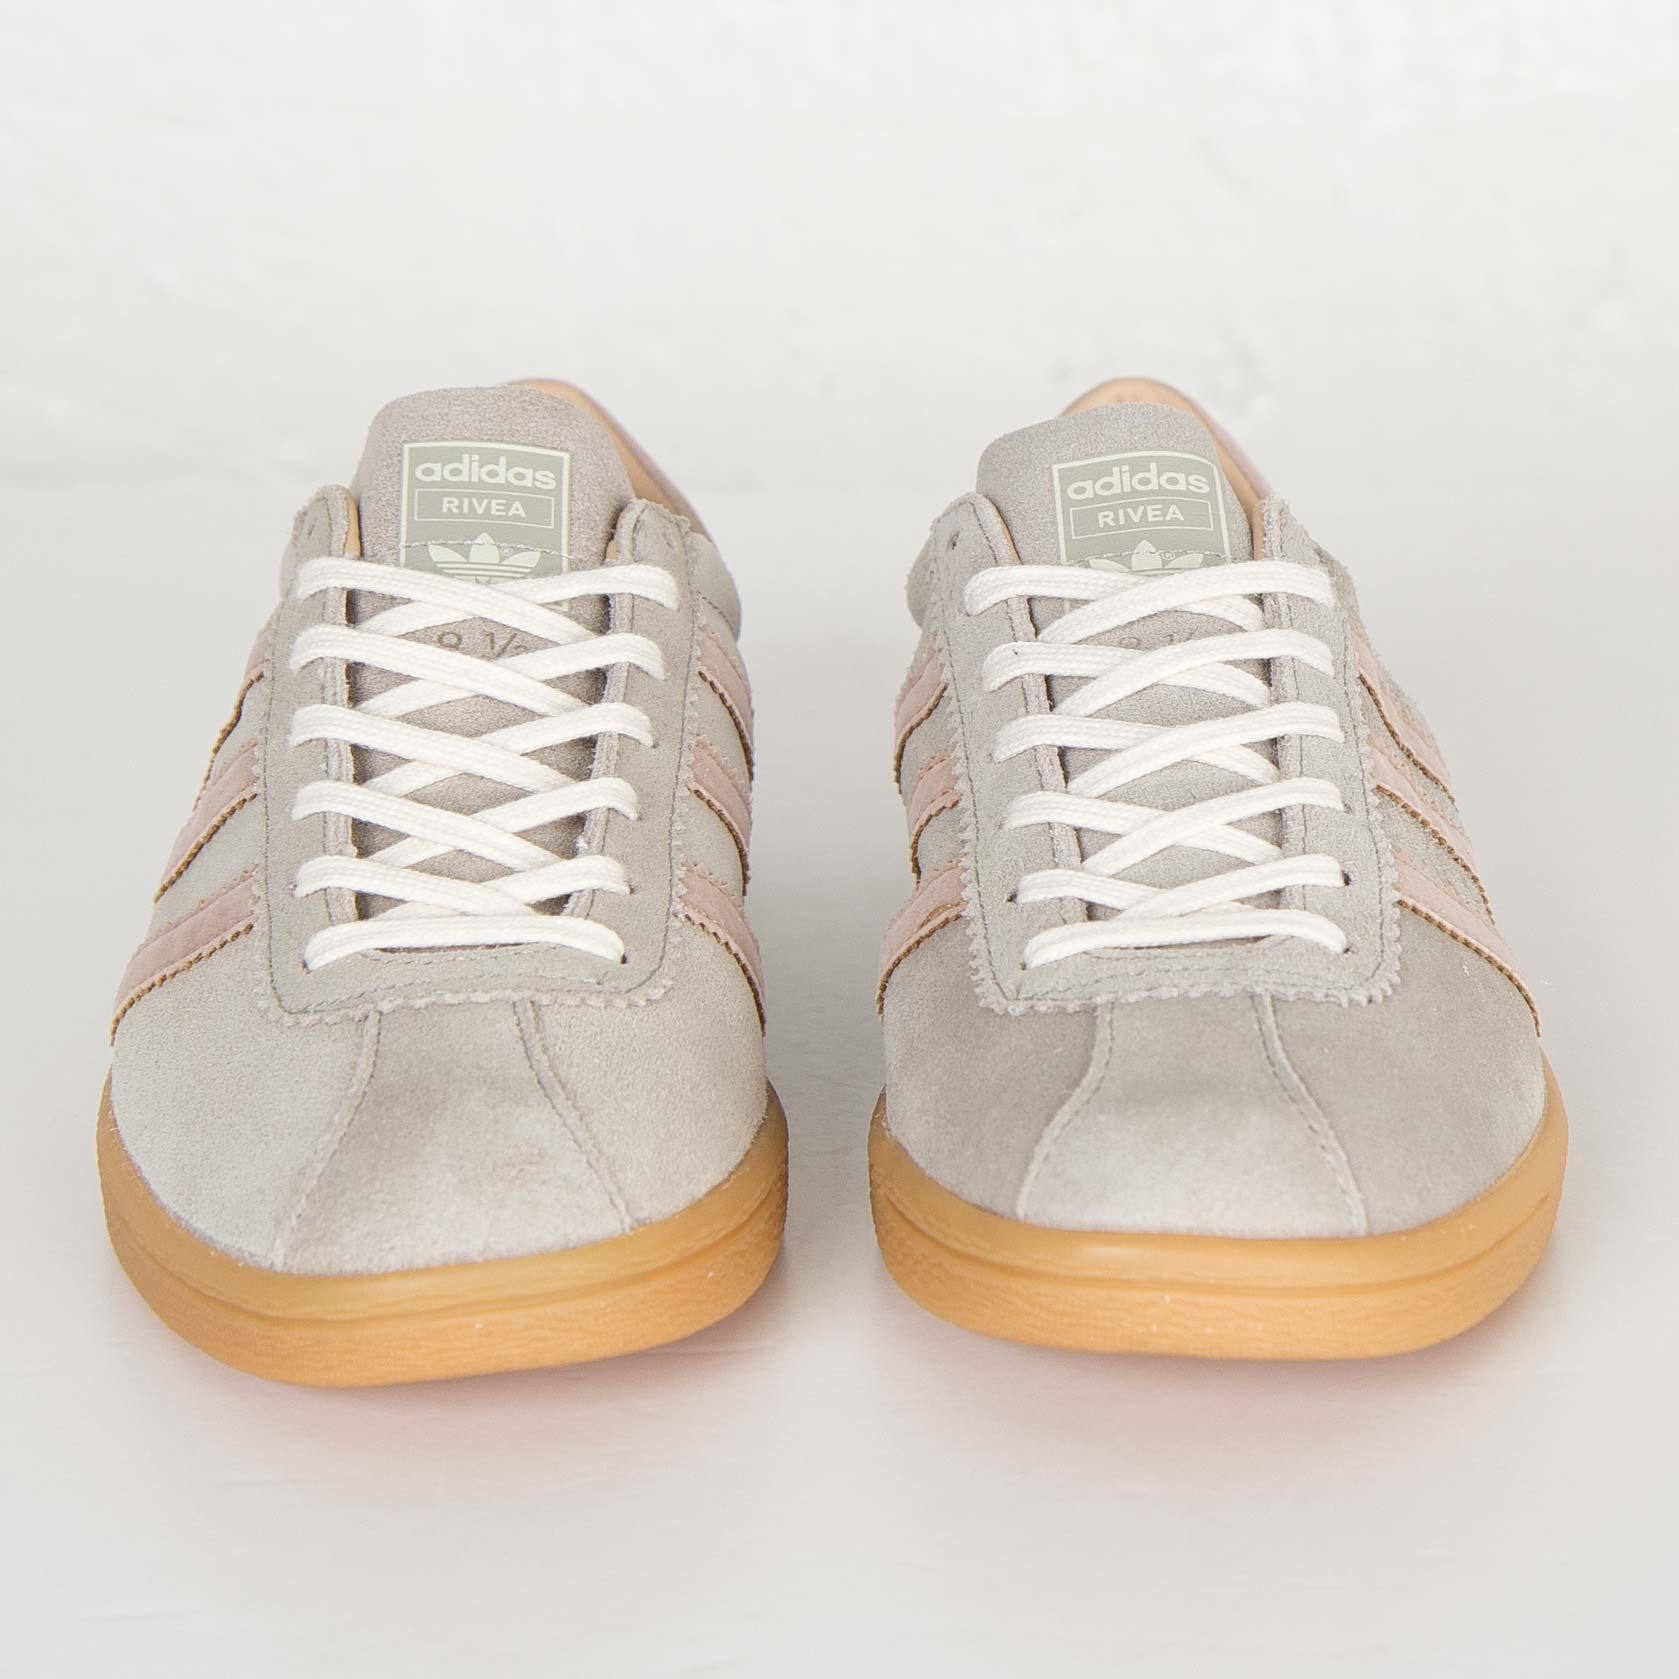 b4742b8b2314d8 adidas Tobacco Riviera - Aq4907 - Sneakersnstuff